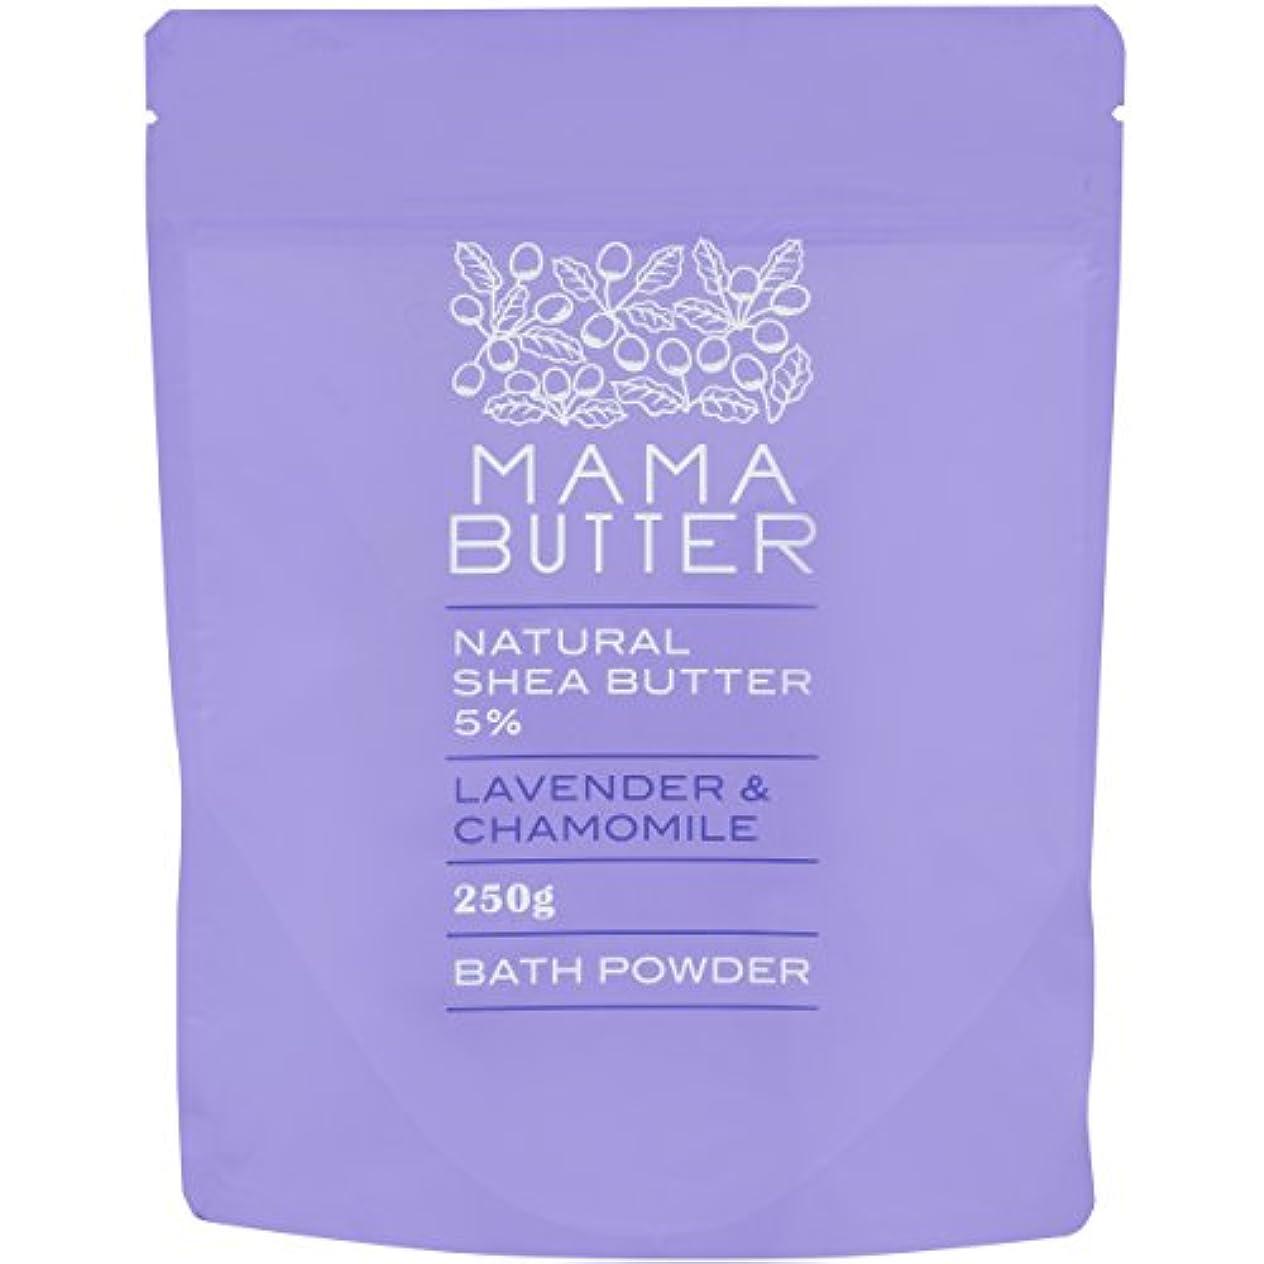 ボリュームアドバイス腹ママバター ナチュラル バスパウダー ラベンダー&カモミールの香り 250g